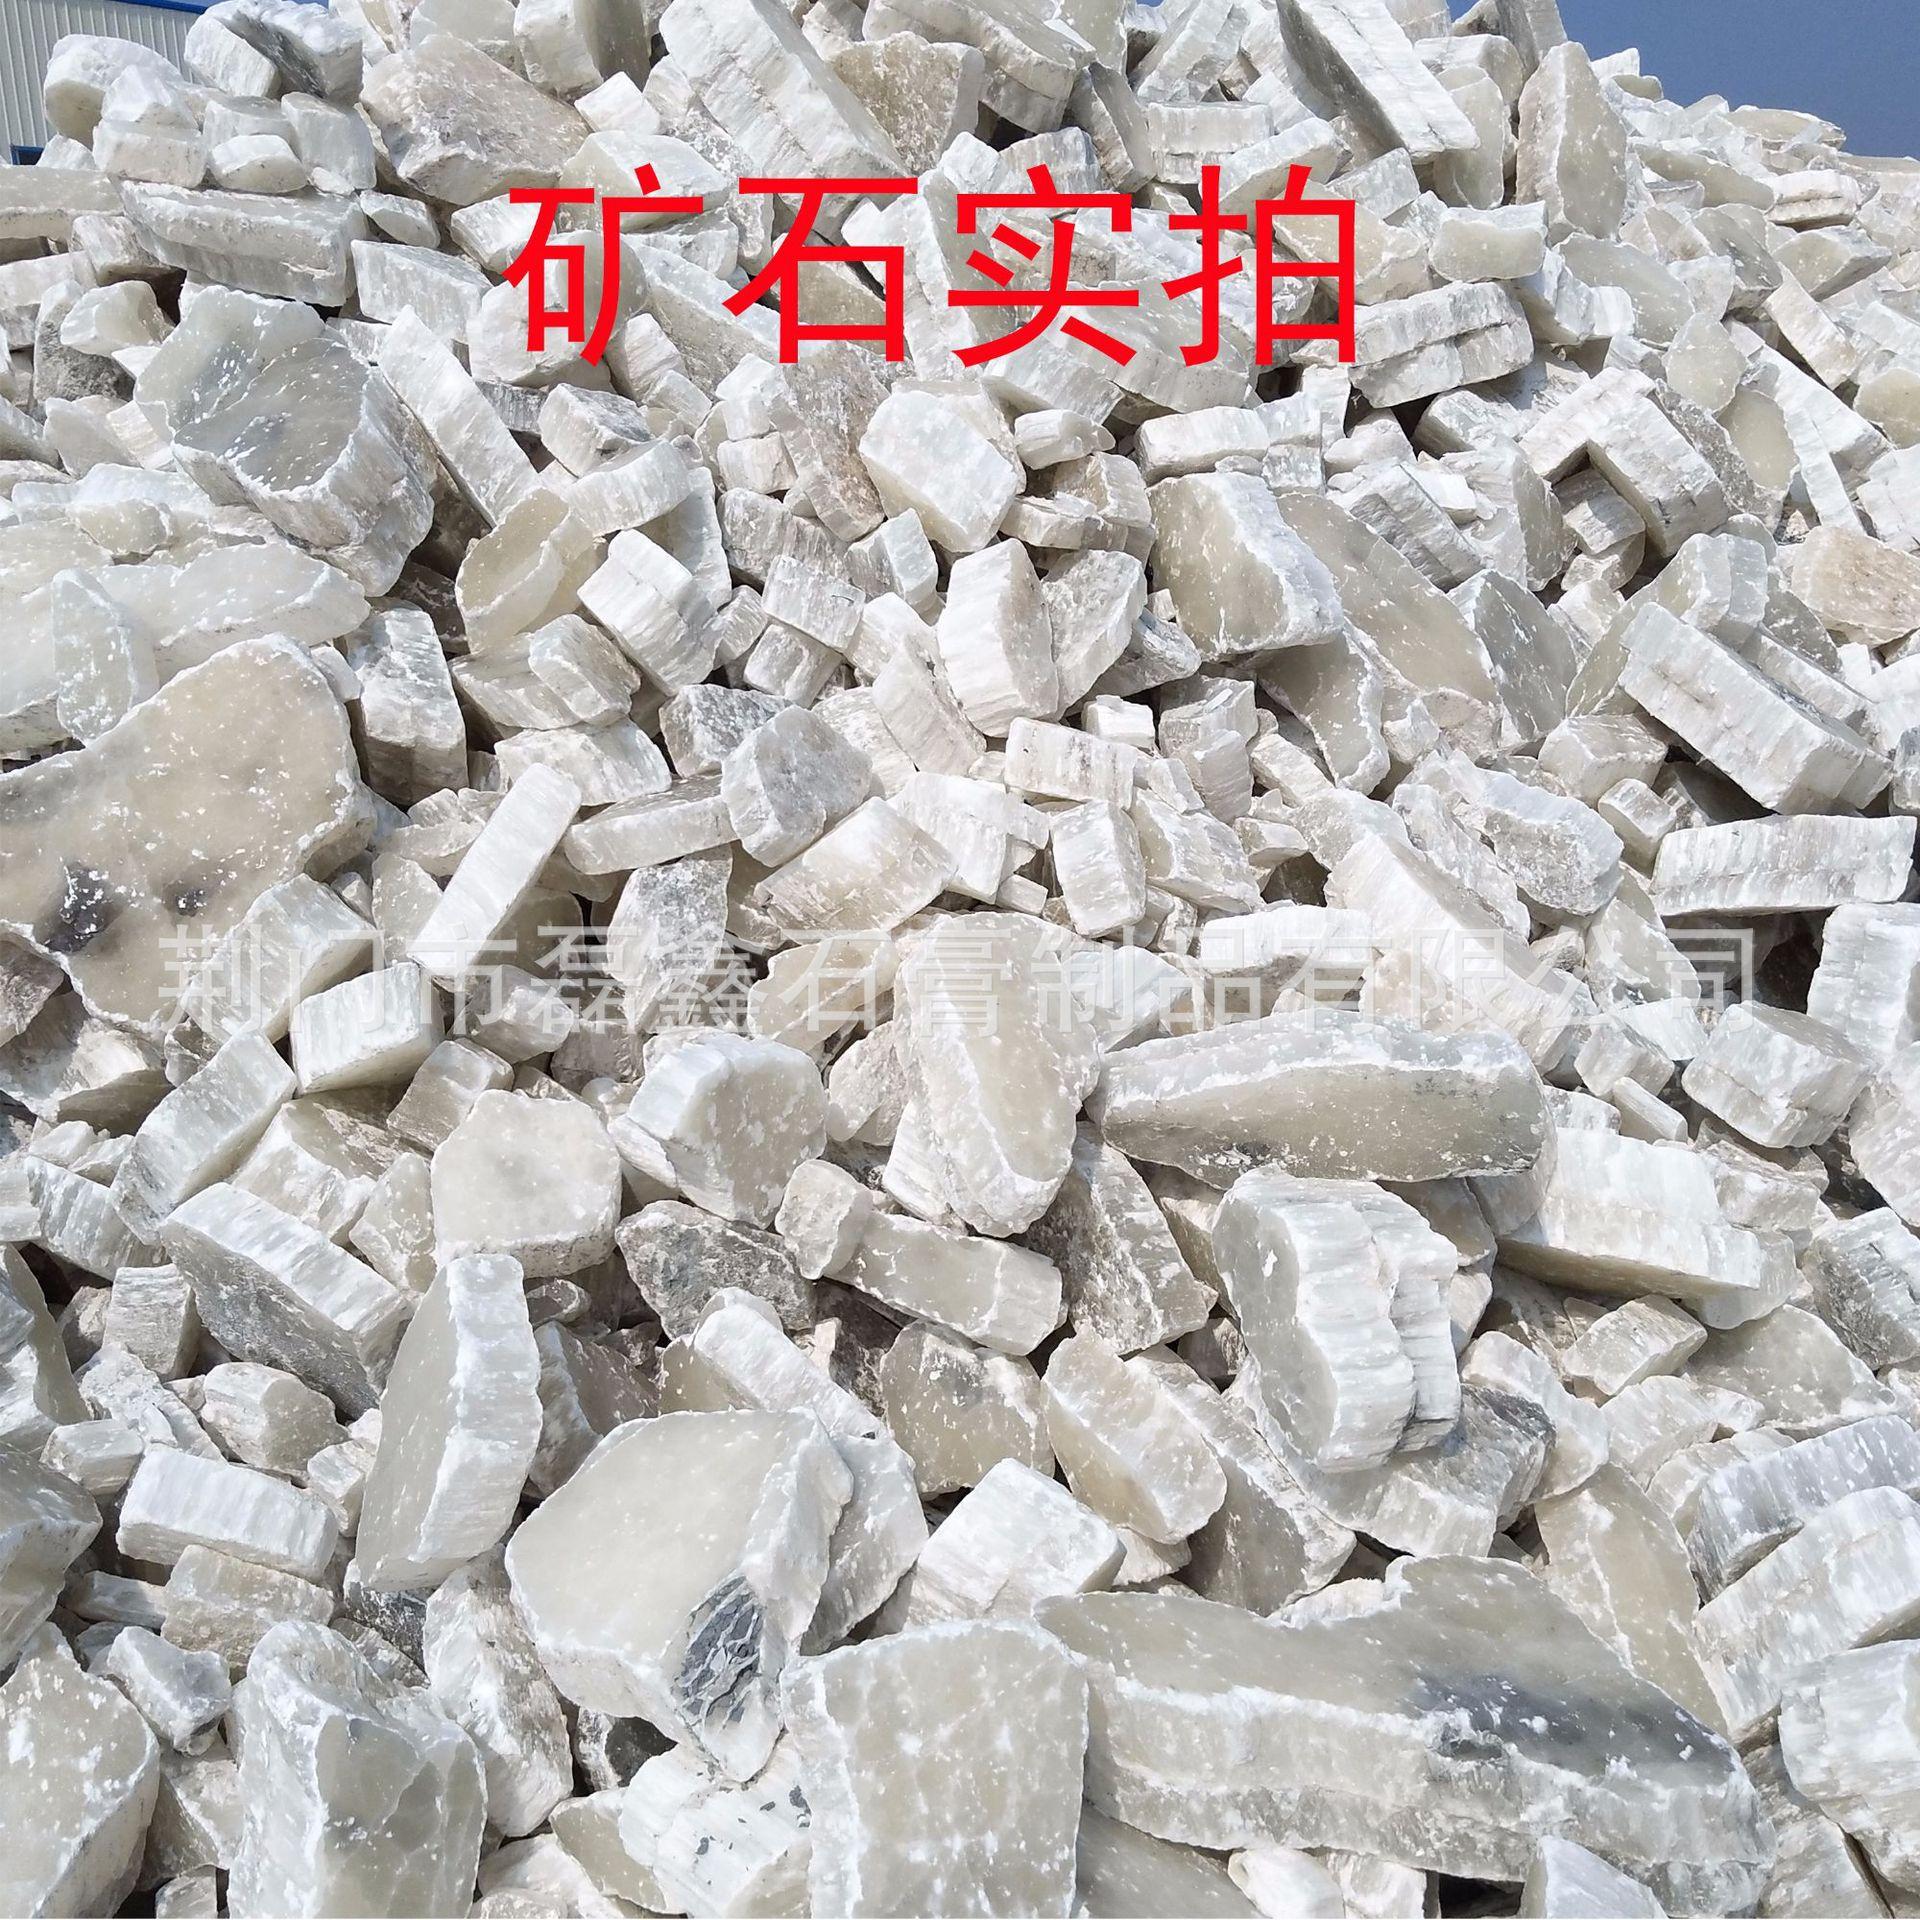 厂家自营豆腐石膏粉豆花凝固剂 食用熟石膏粉 食品级无水硫酸钙